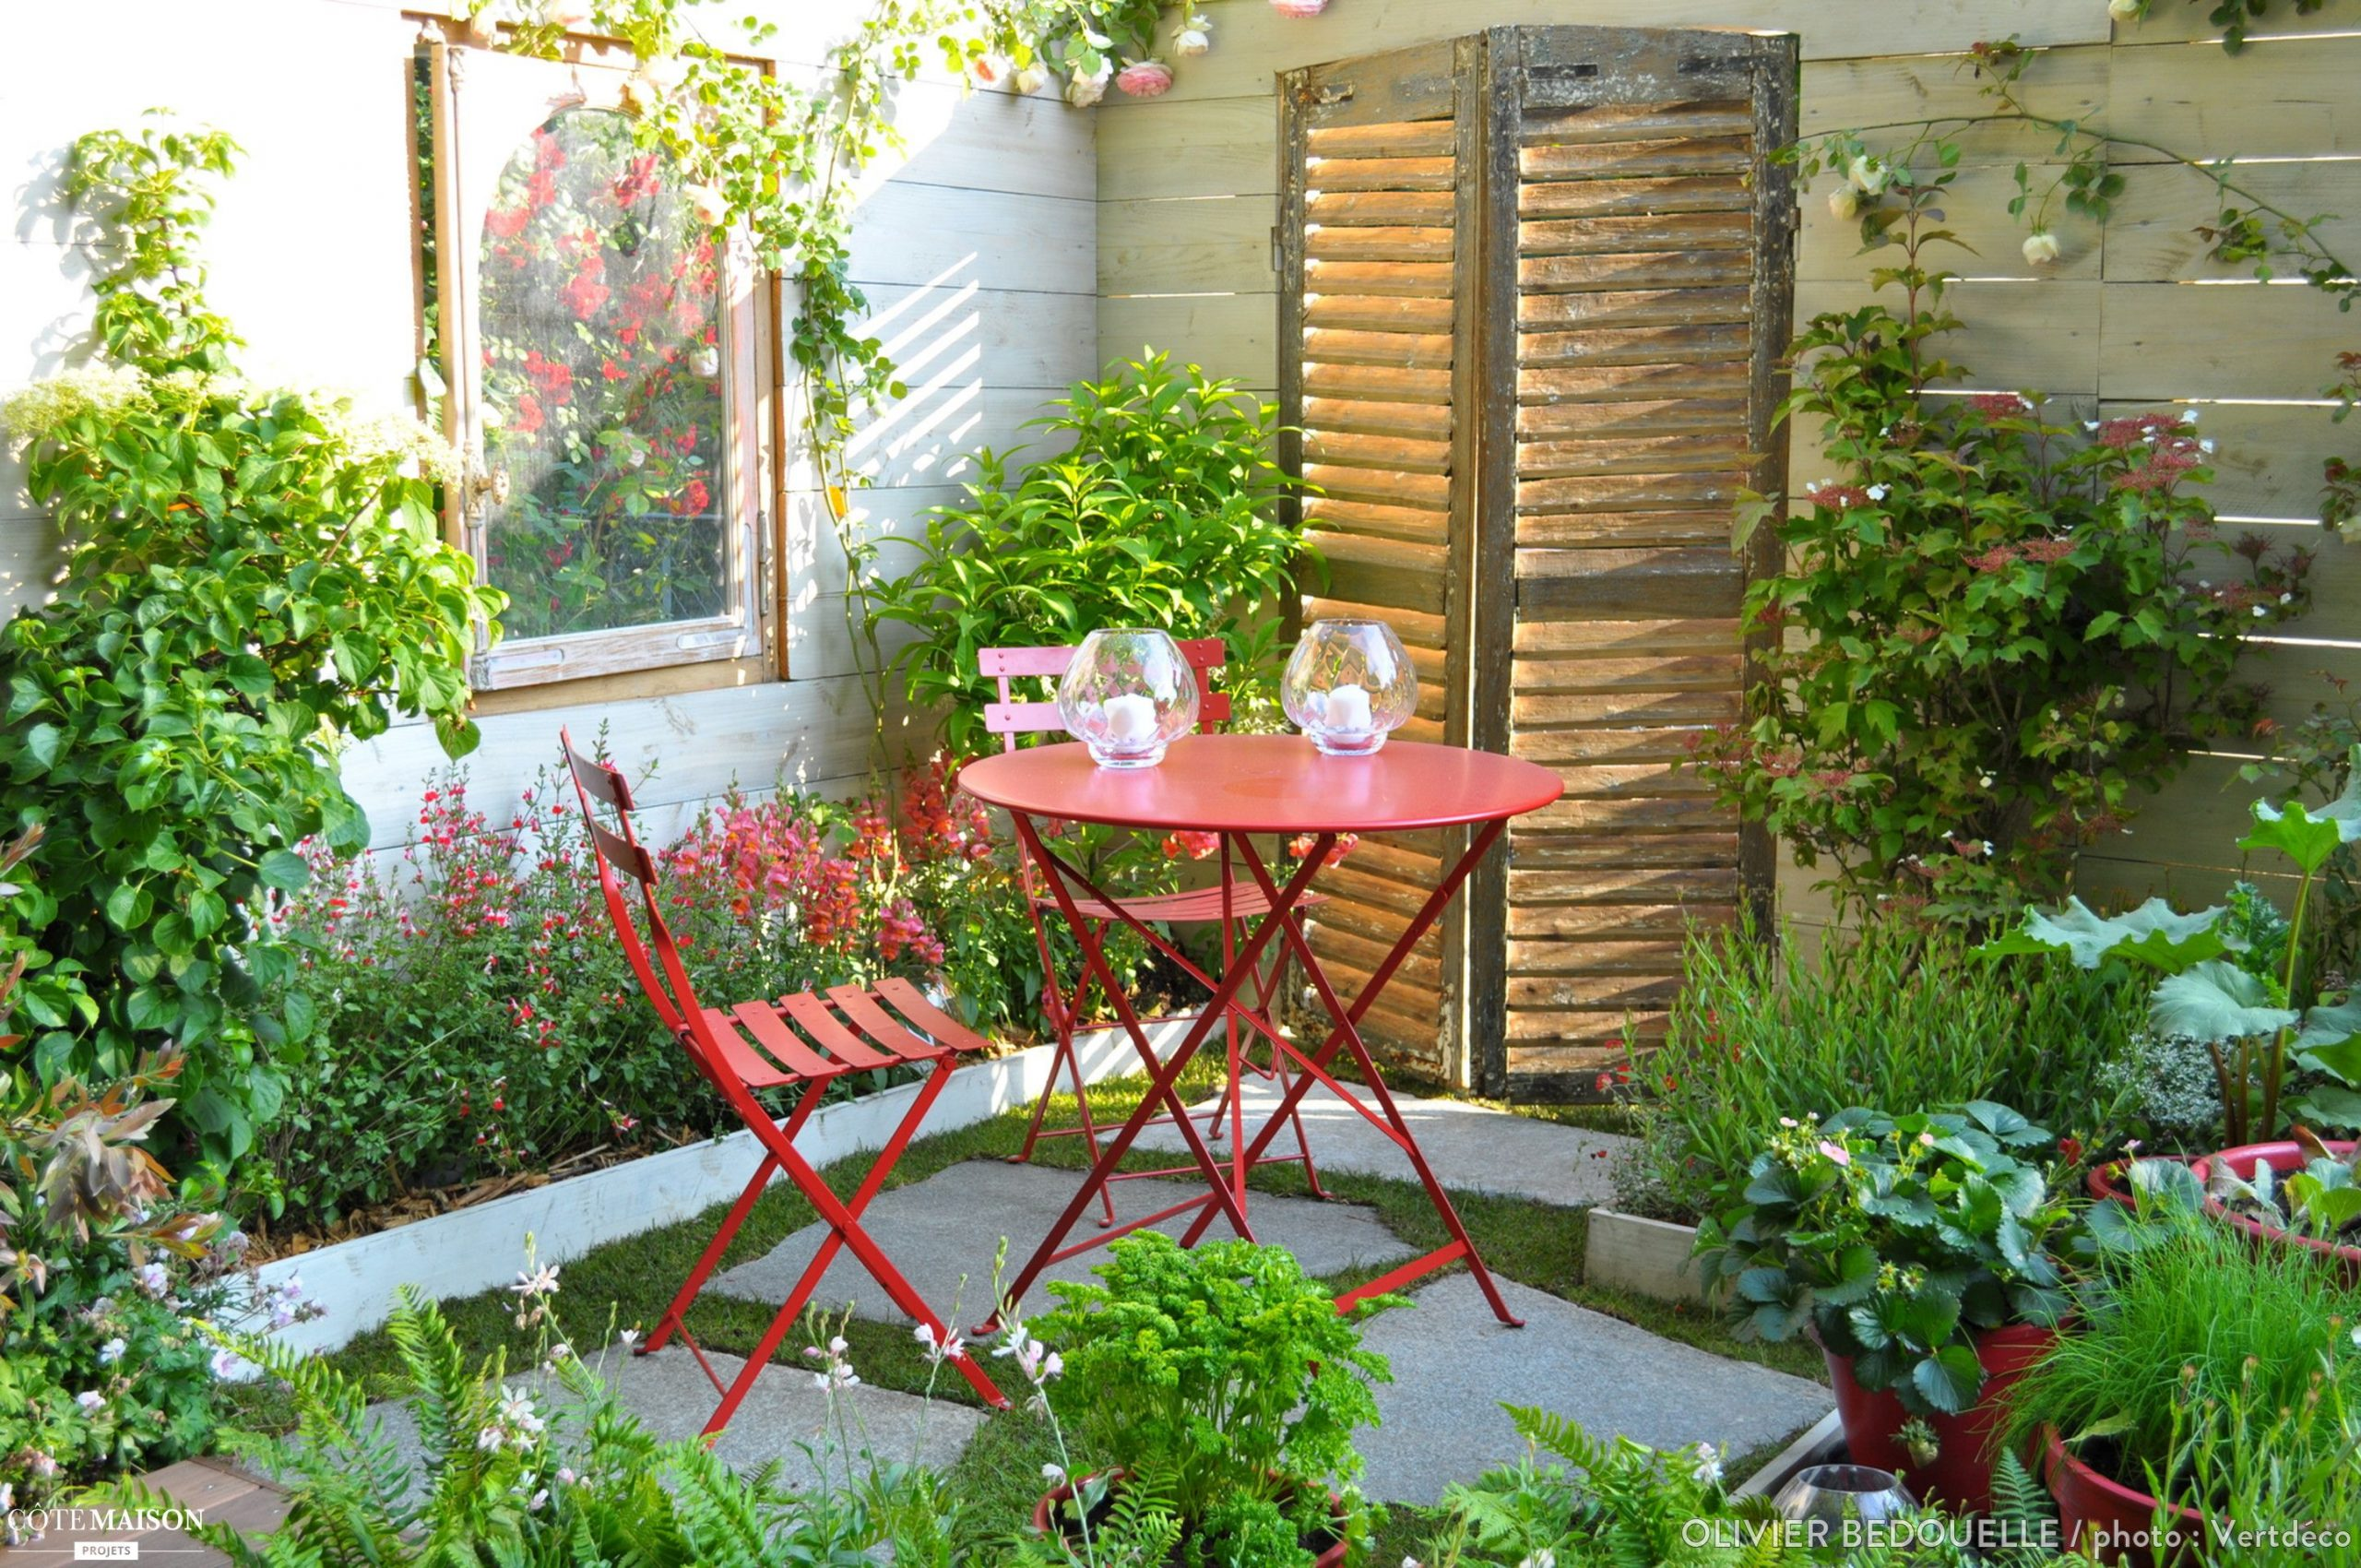 Projet : Aménagement D'un Petit Jardin À L'occasion Du Salon ... encequiconcerne Maisonnette Jardin Occasion